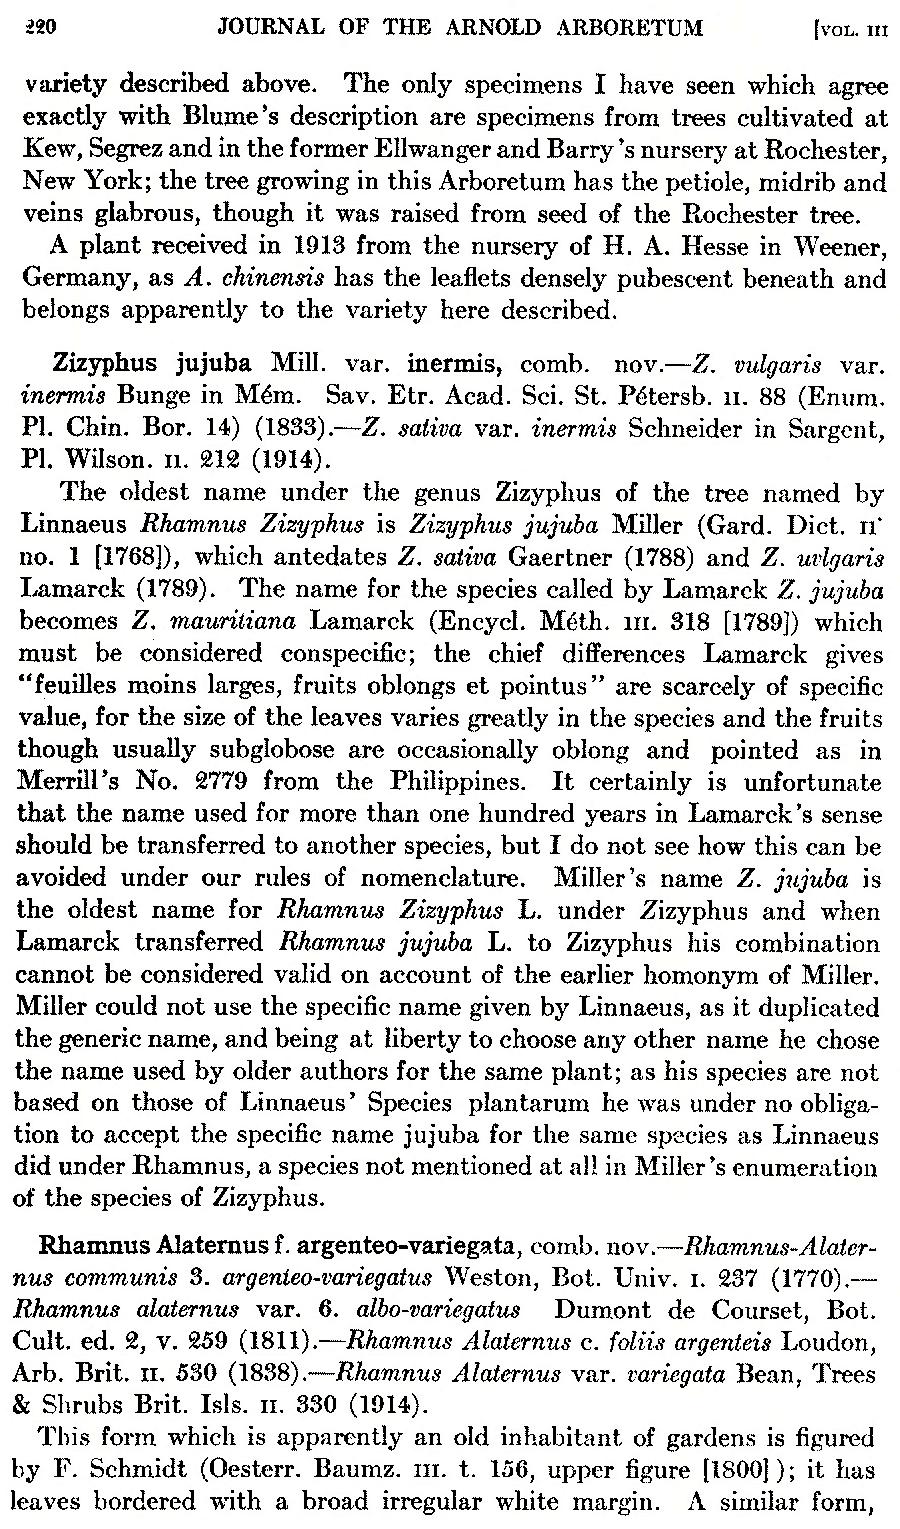 https://forum.plantarium.ru/misc.php?action=pun_attachment&item=30398